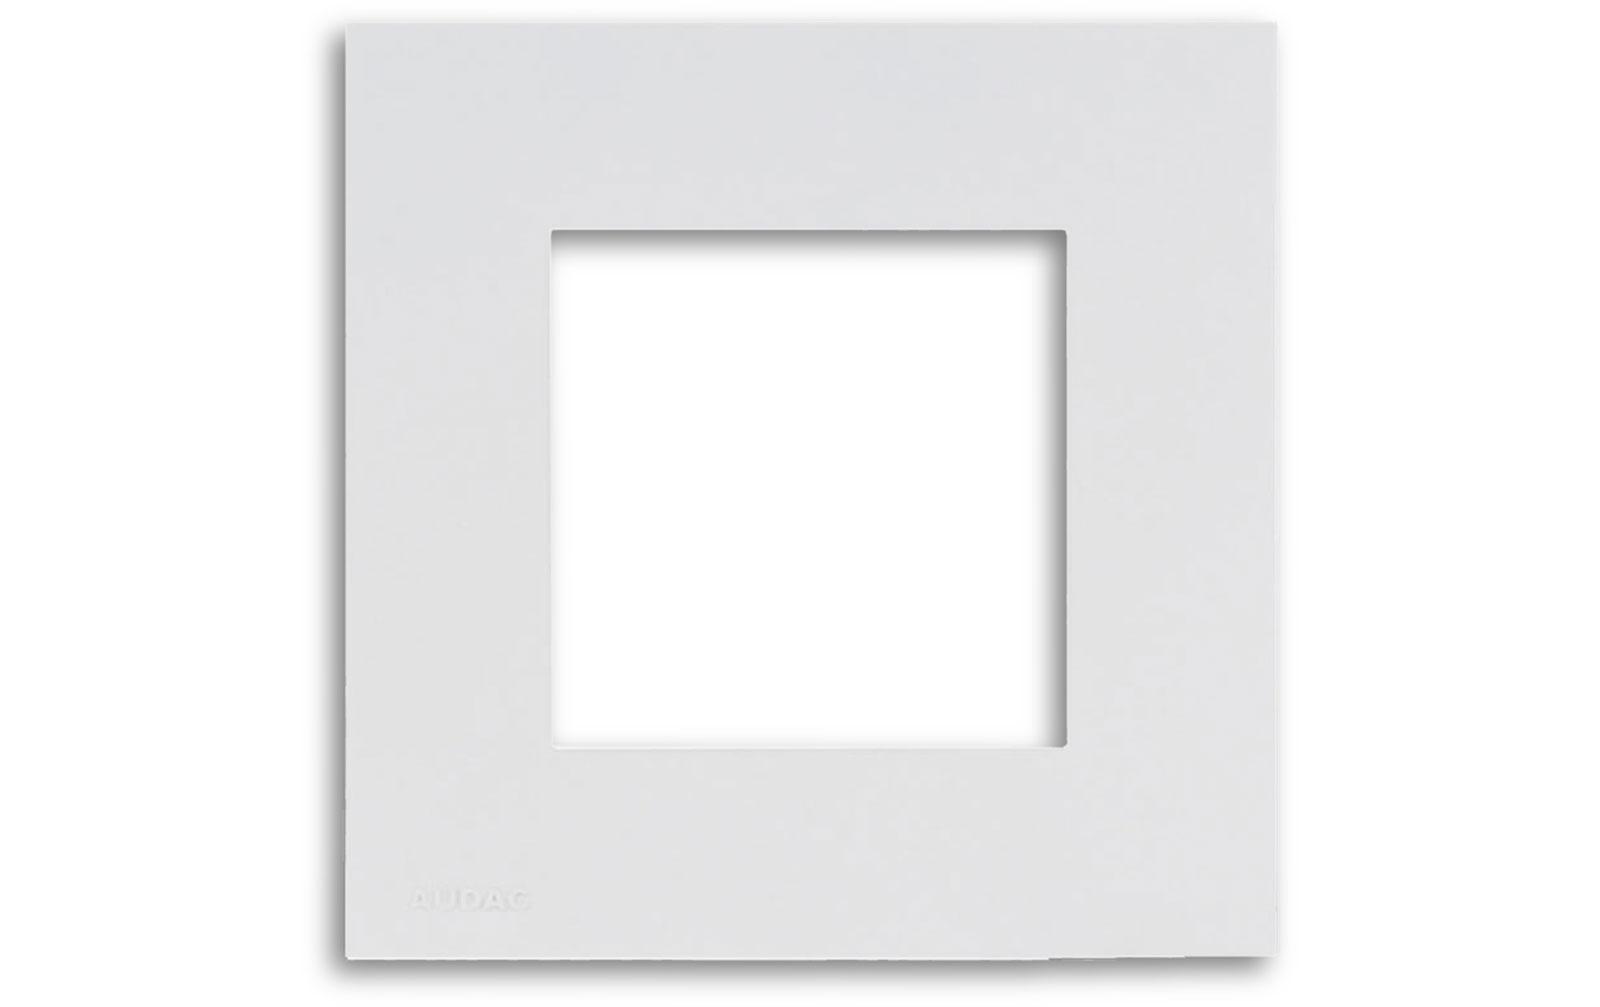 audac-cf-45-sw-abdeckrahmen-einzeln-45-x-45-mm-white